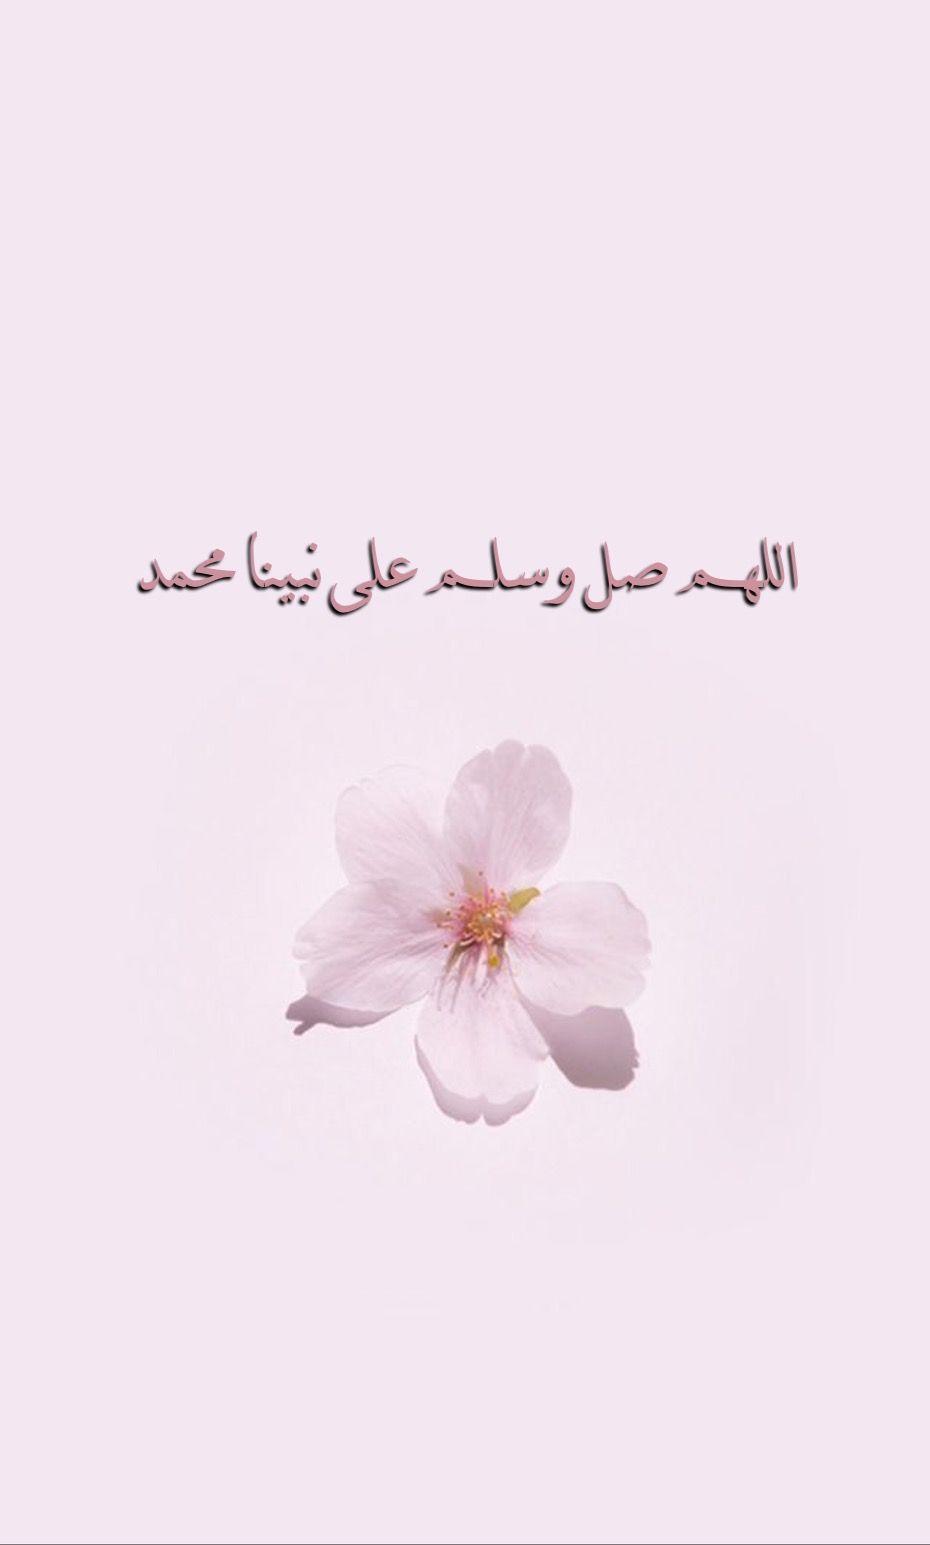 الصلاة على النبي الجمعة محمد اللهم Islamic Quotes Wallpaper Muslim Quotes Islamic Quotes Quran